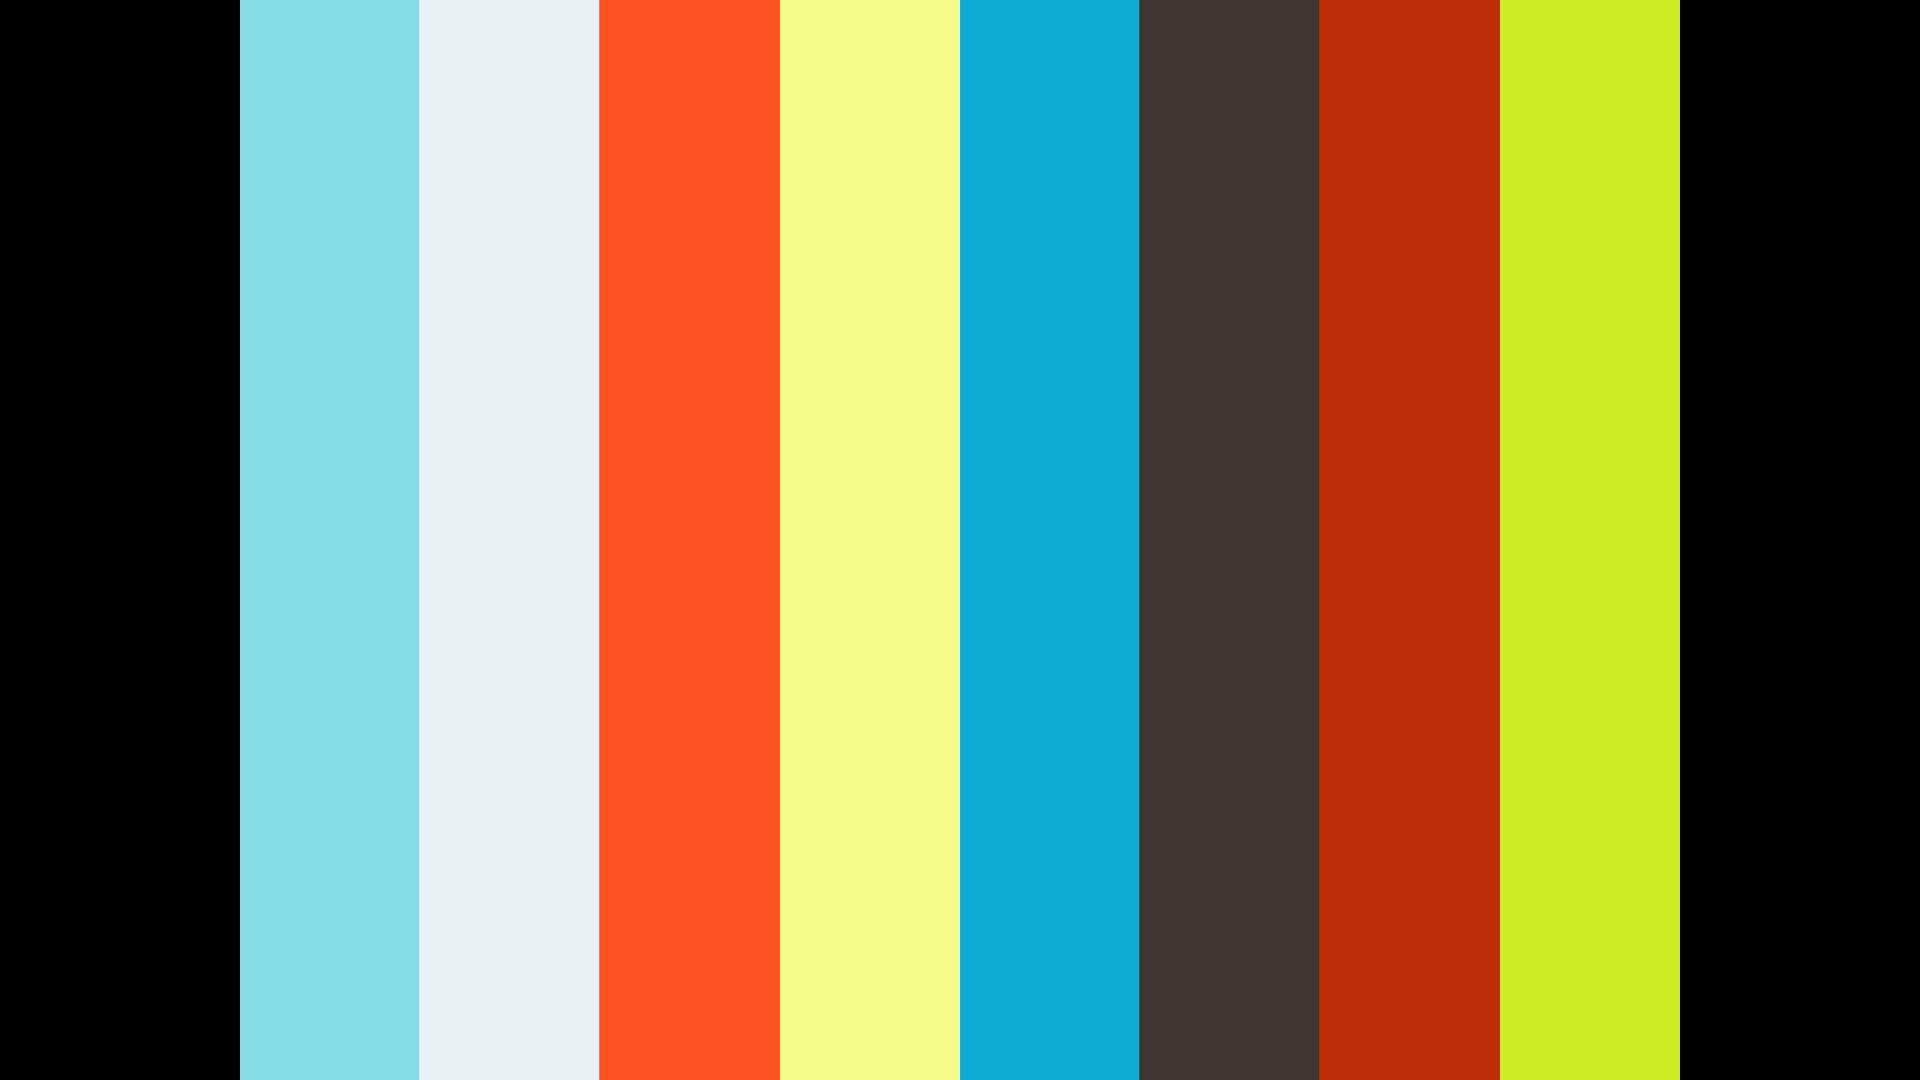 David Brimley – TechStrong TV